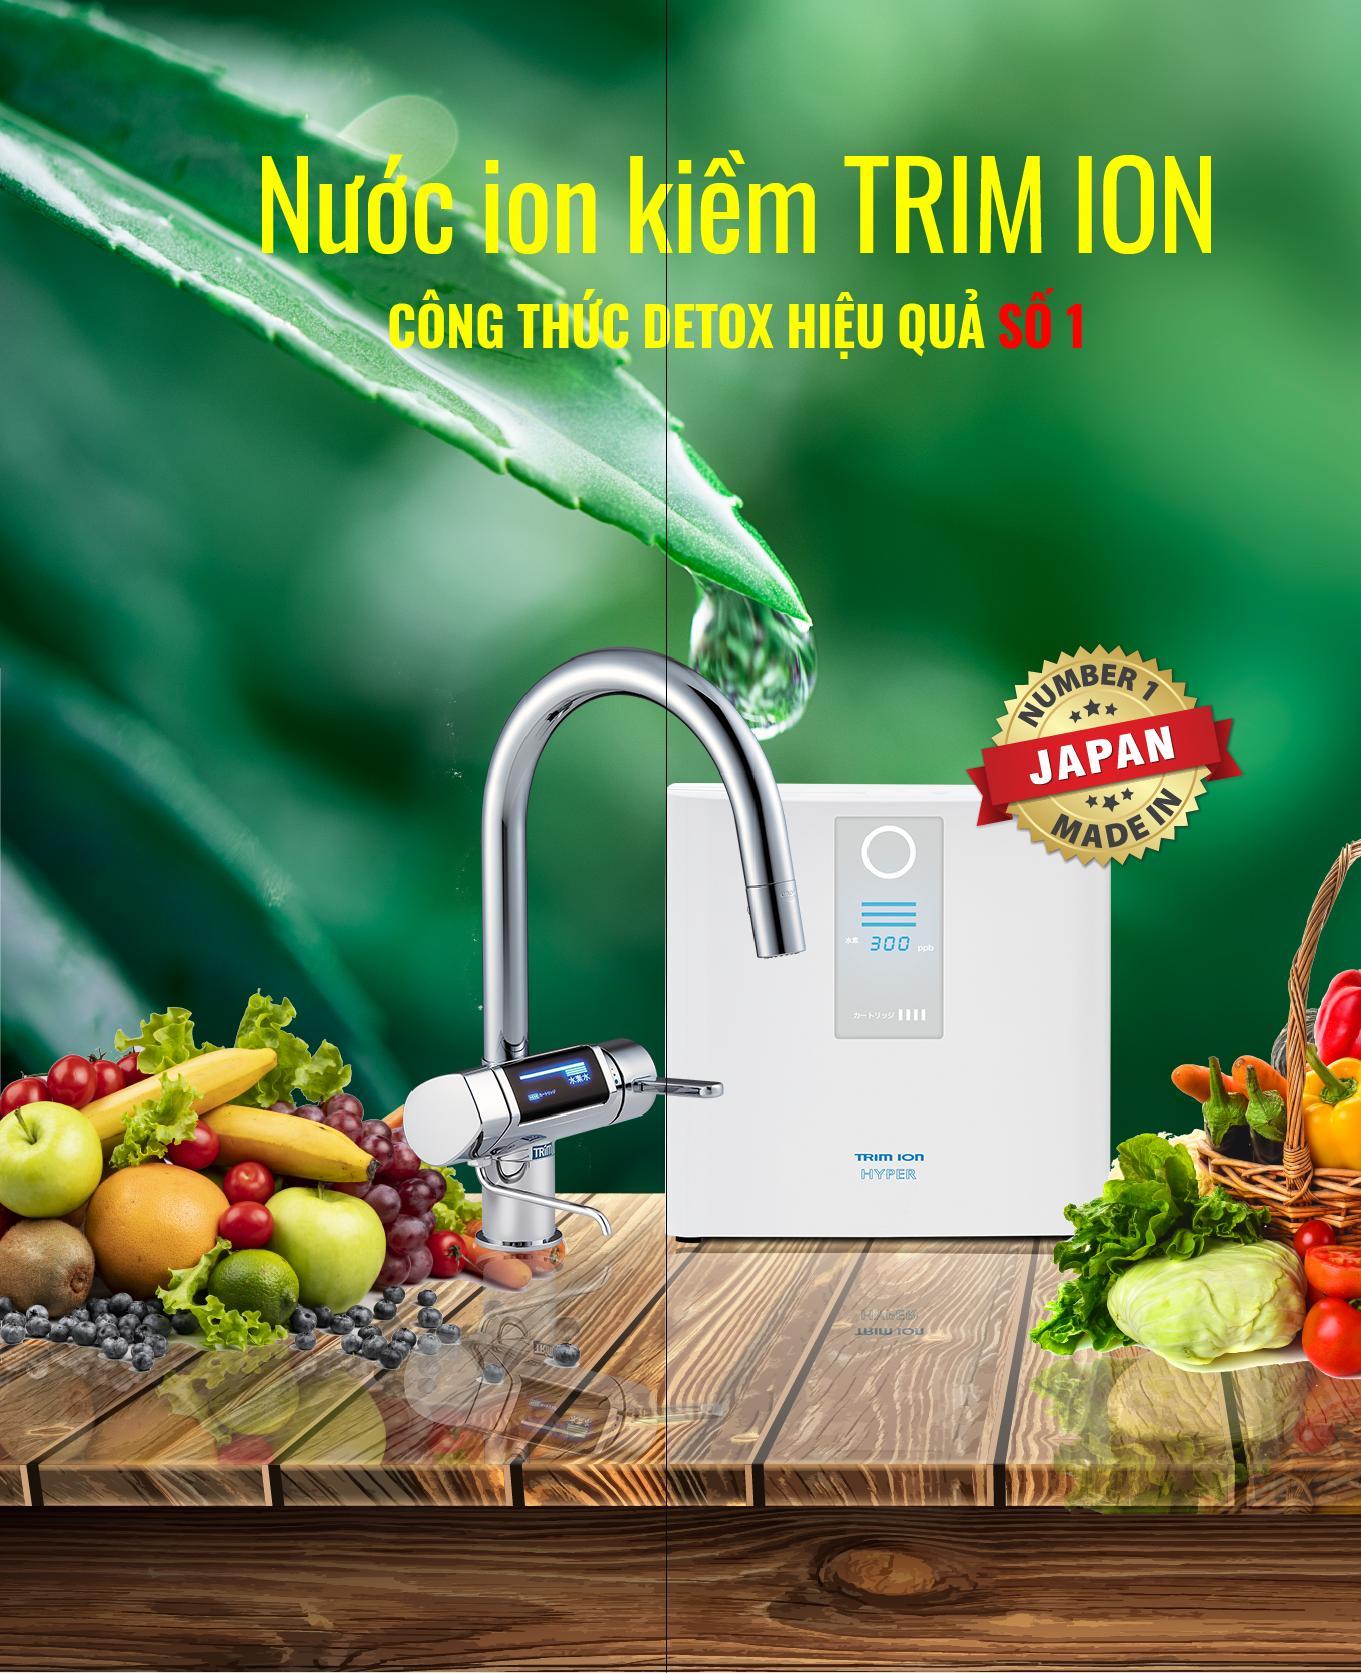 máy lọc nước ion kiềm trim ion